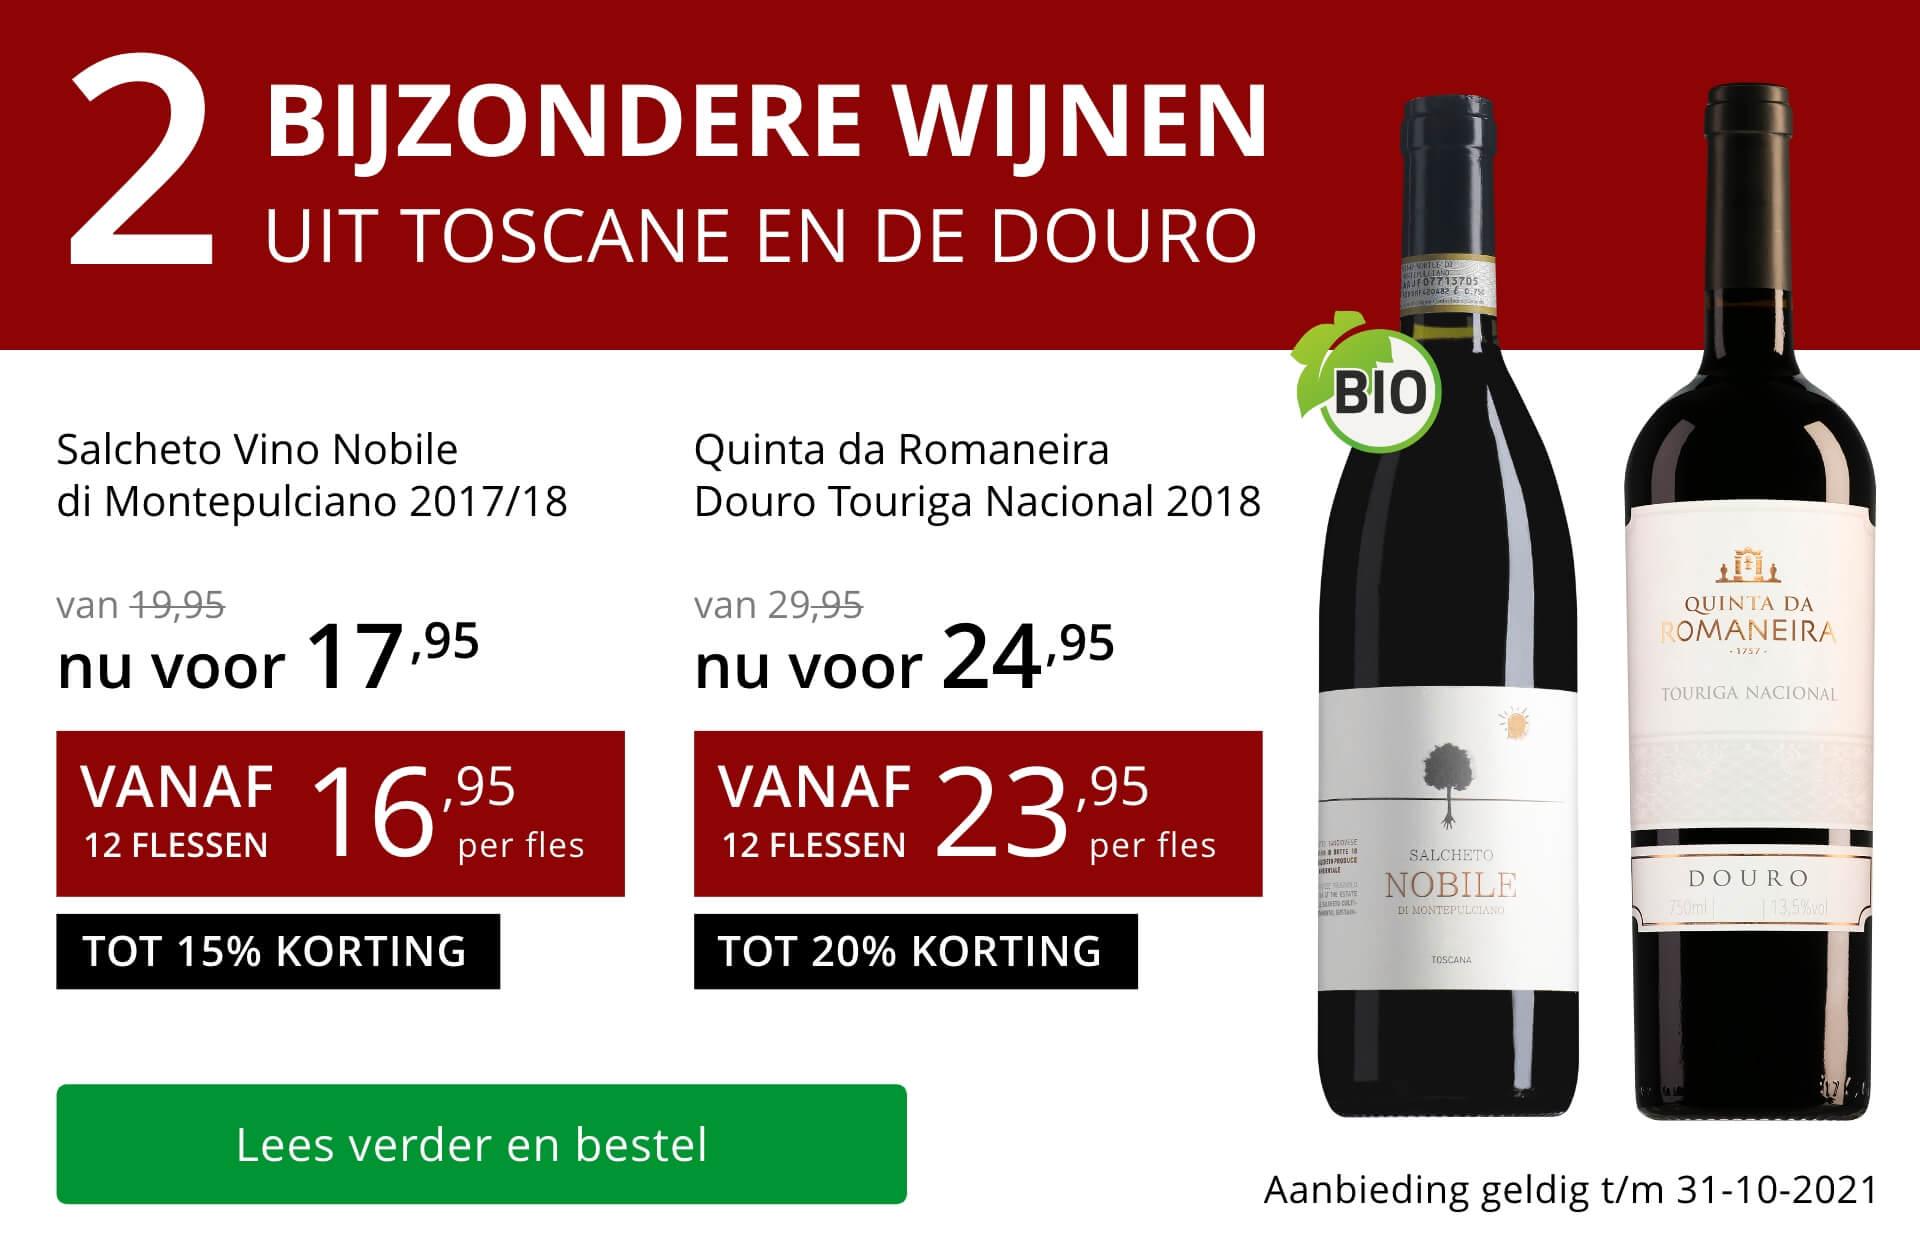 Twee bijzondere wijnen oktober 2021 - rood